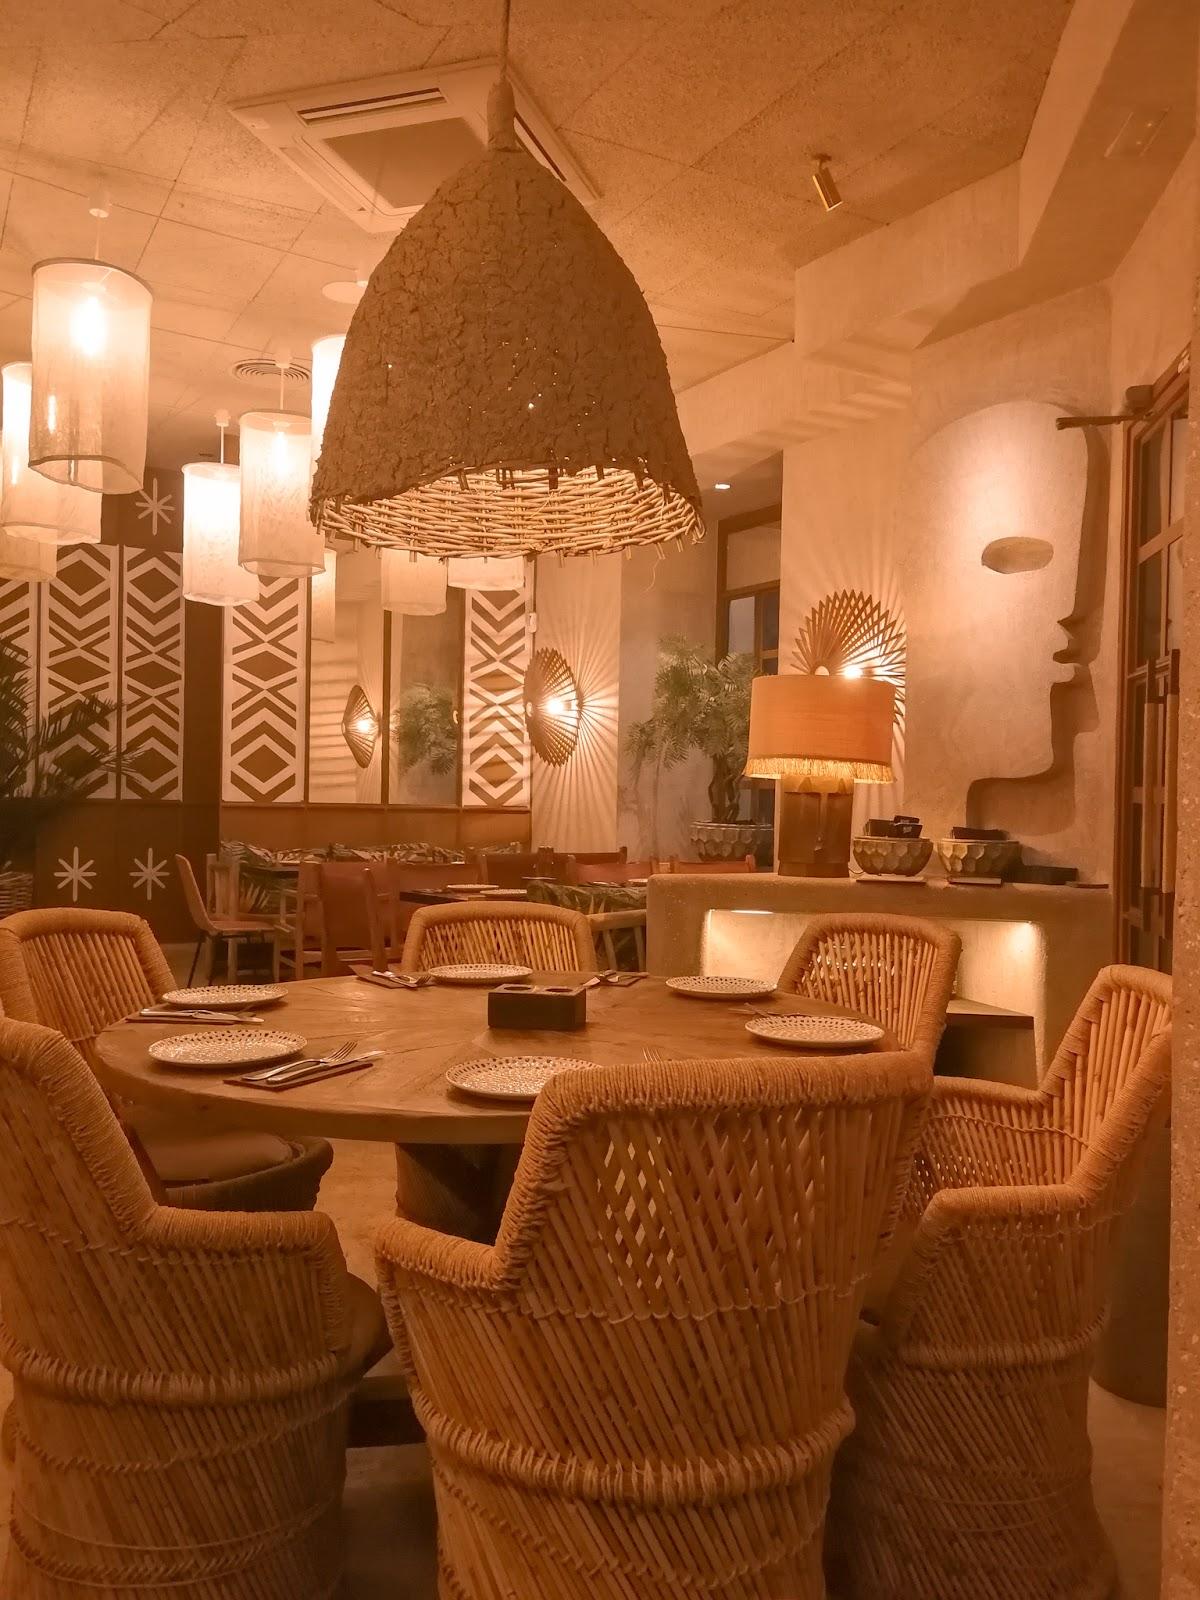 Santita-nuevo-restaurante-mexicano-madrid-foodie-preppyels